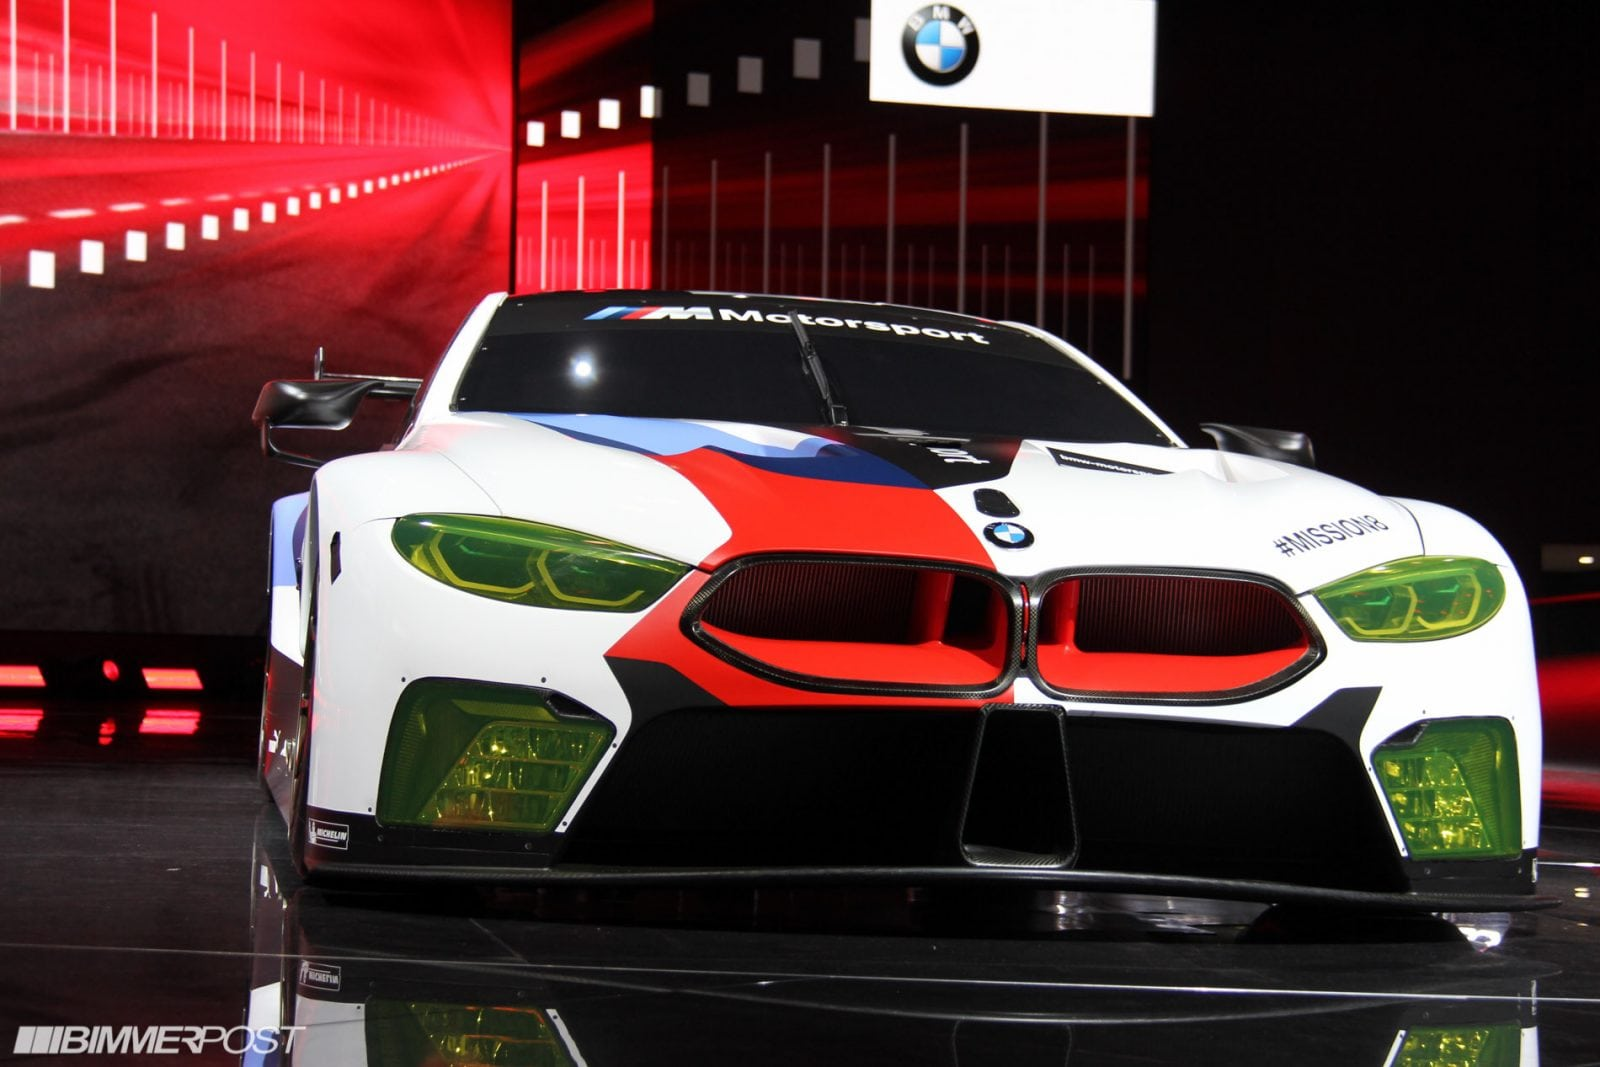 BMW M8 GTE IAA 2017 by Bimmerpost